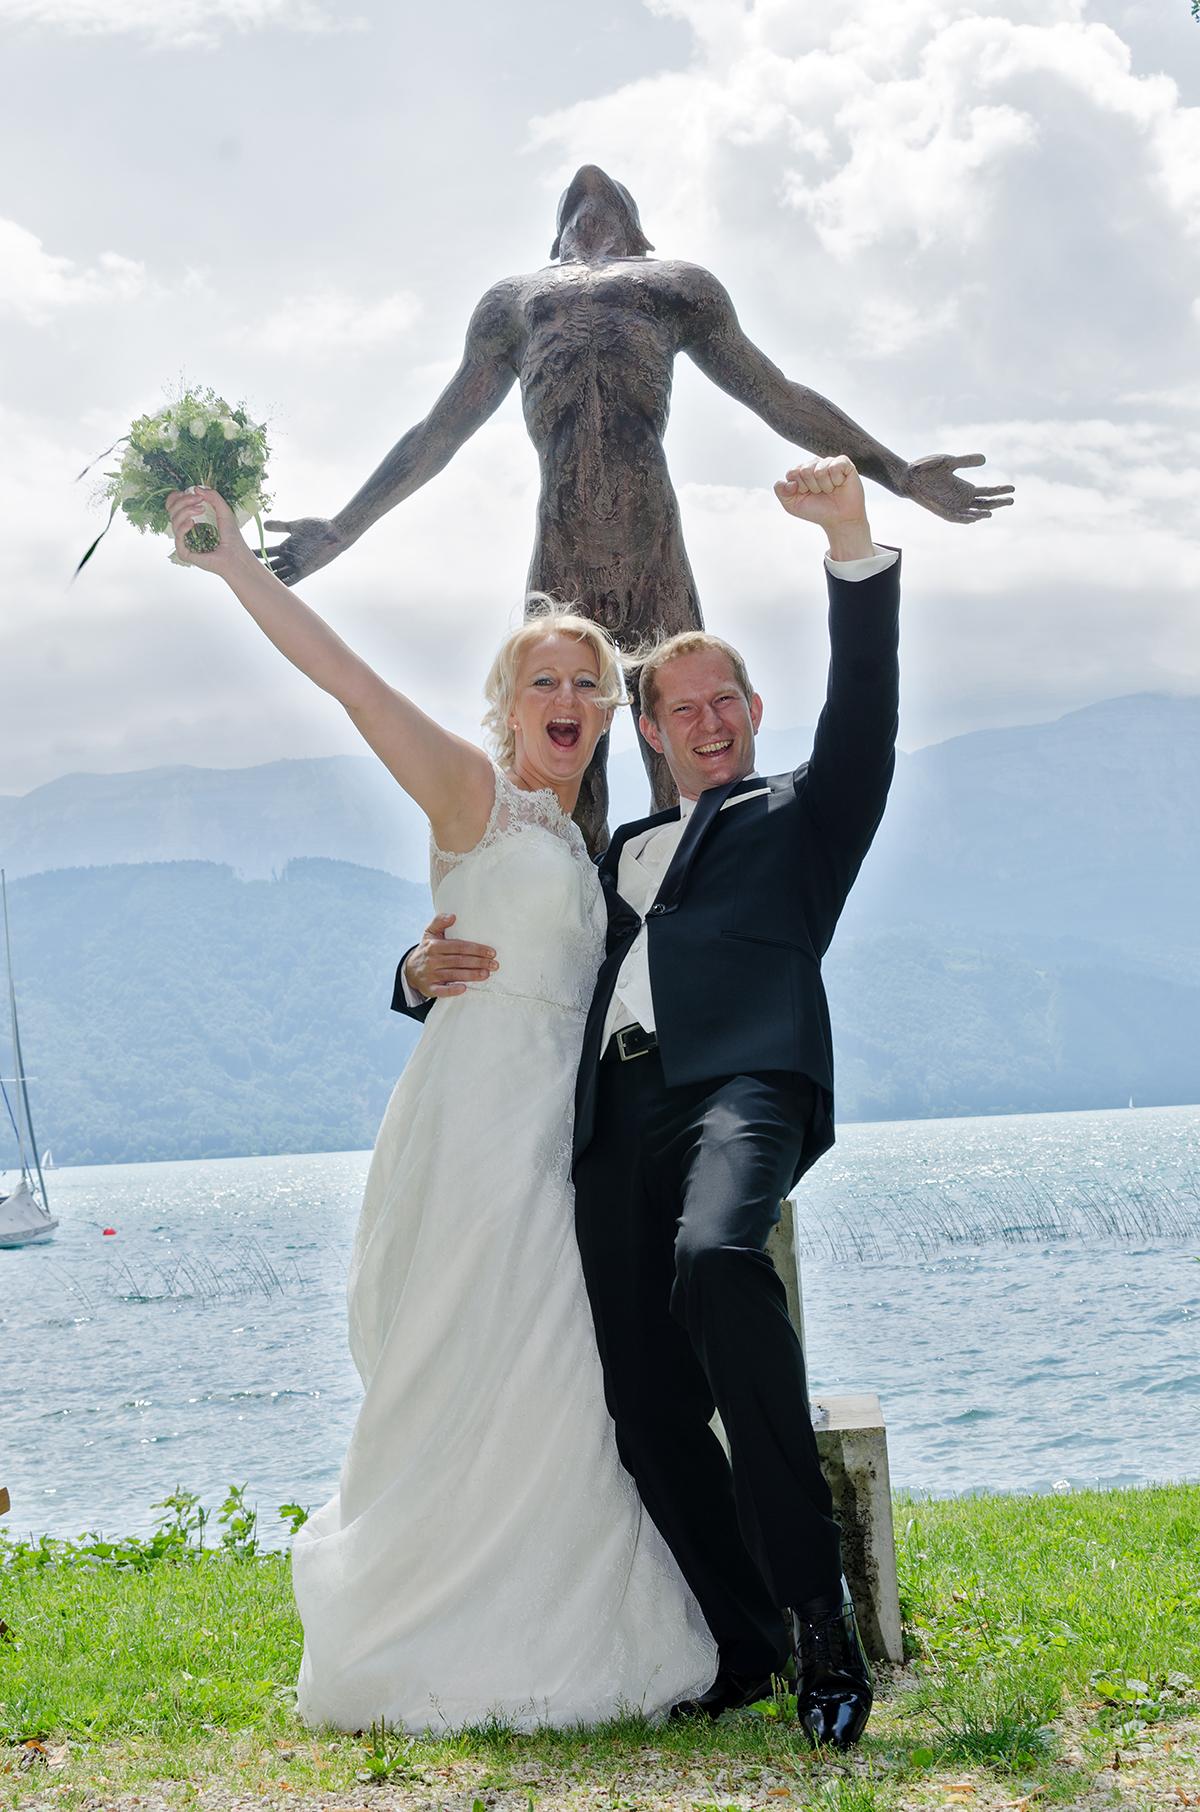 Christine&Gerhard_Hochzeit_Portrait_116_StephanSchreinerPhotography Kopie